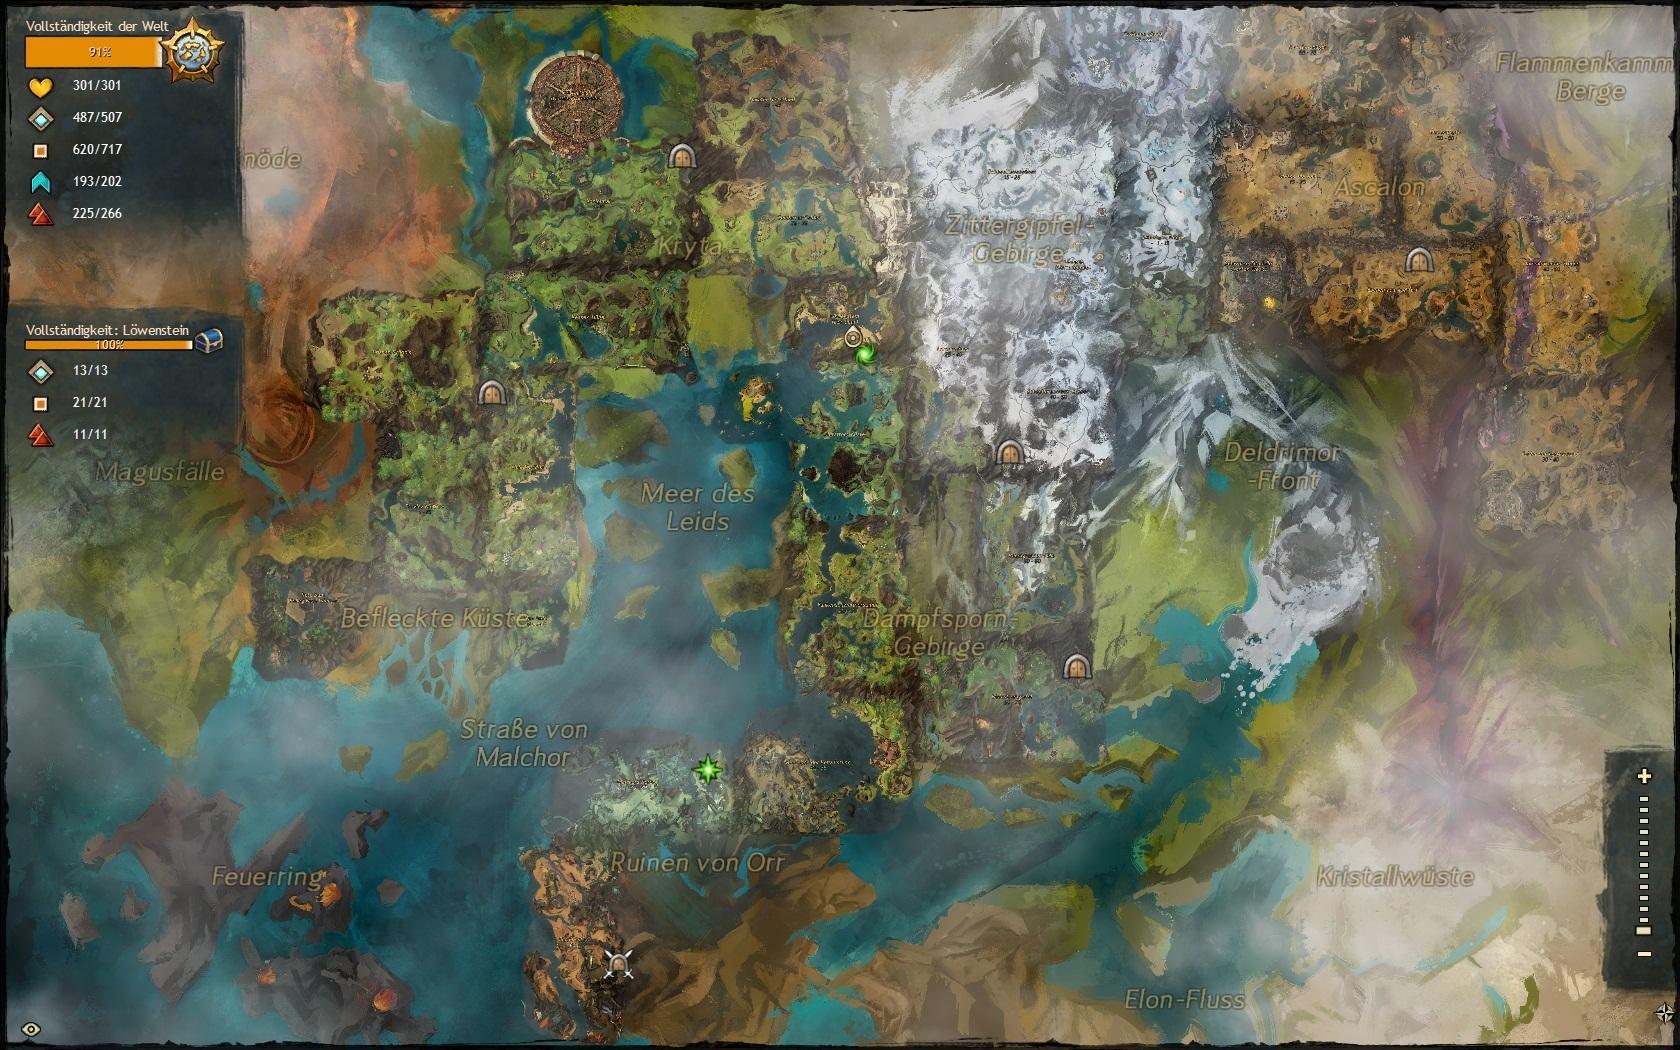 Gw2 Karte.Gw2 Karte Karte